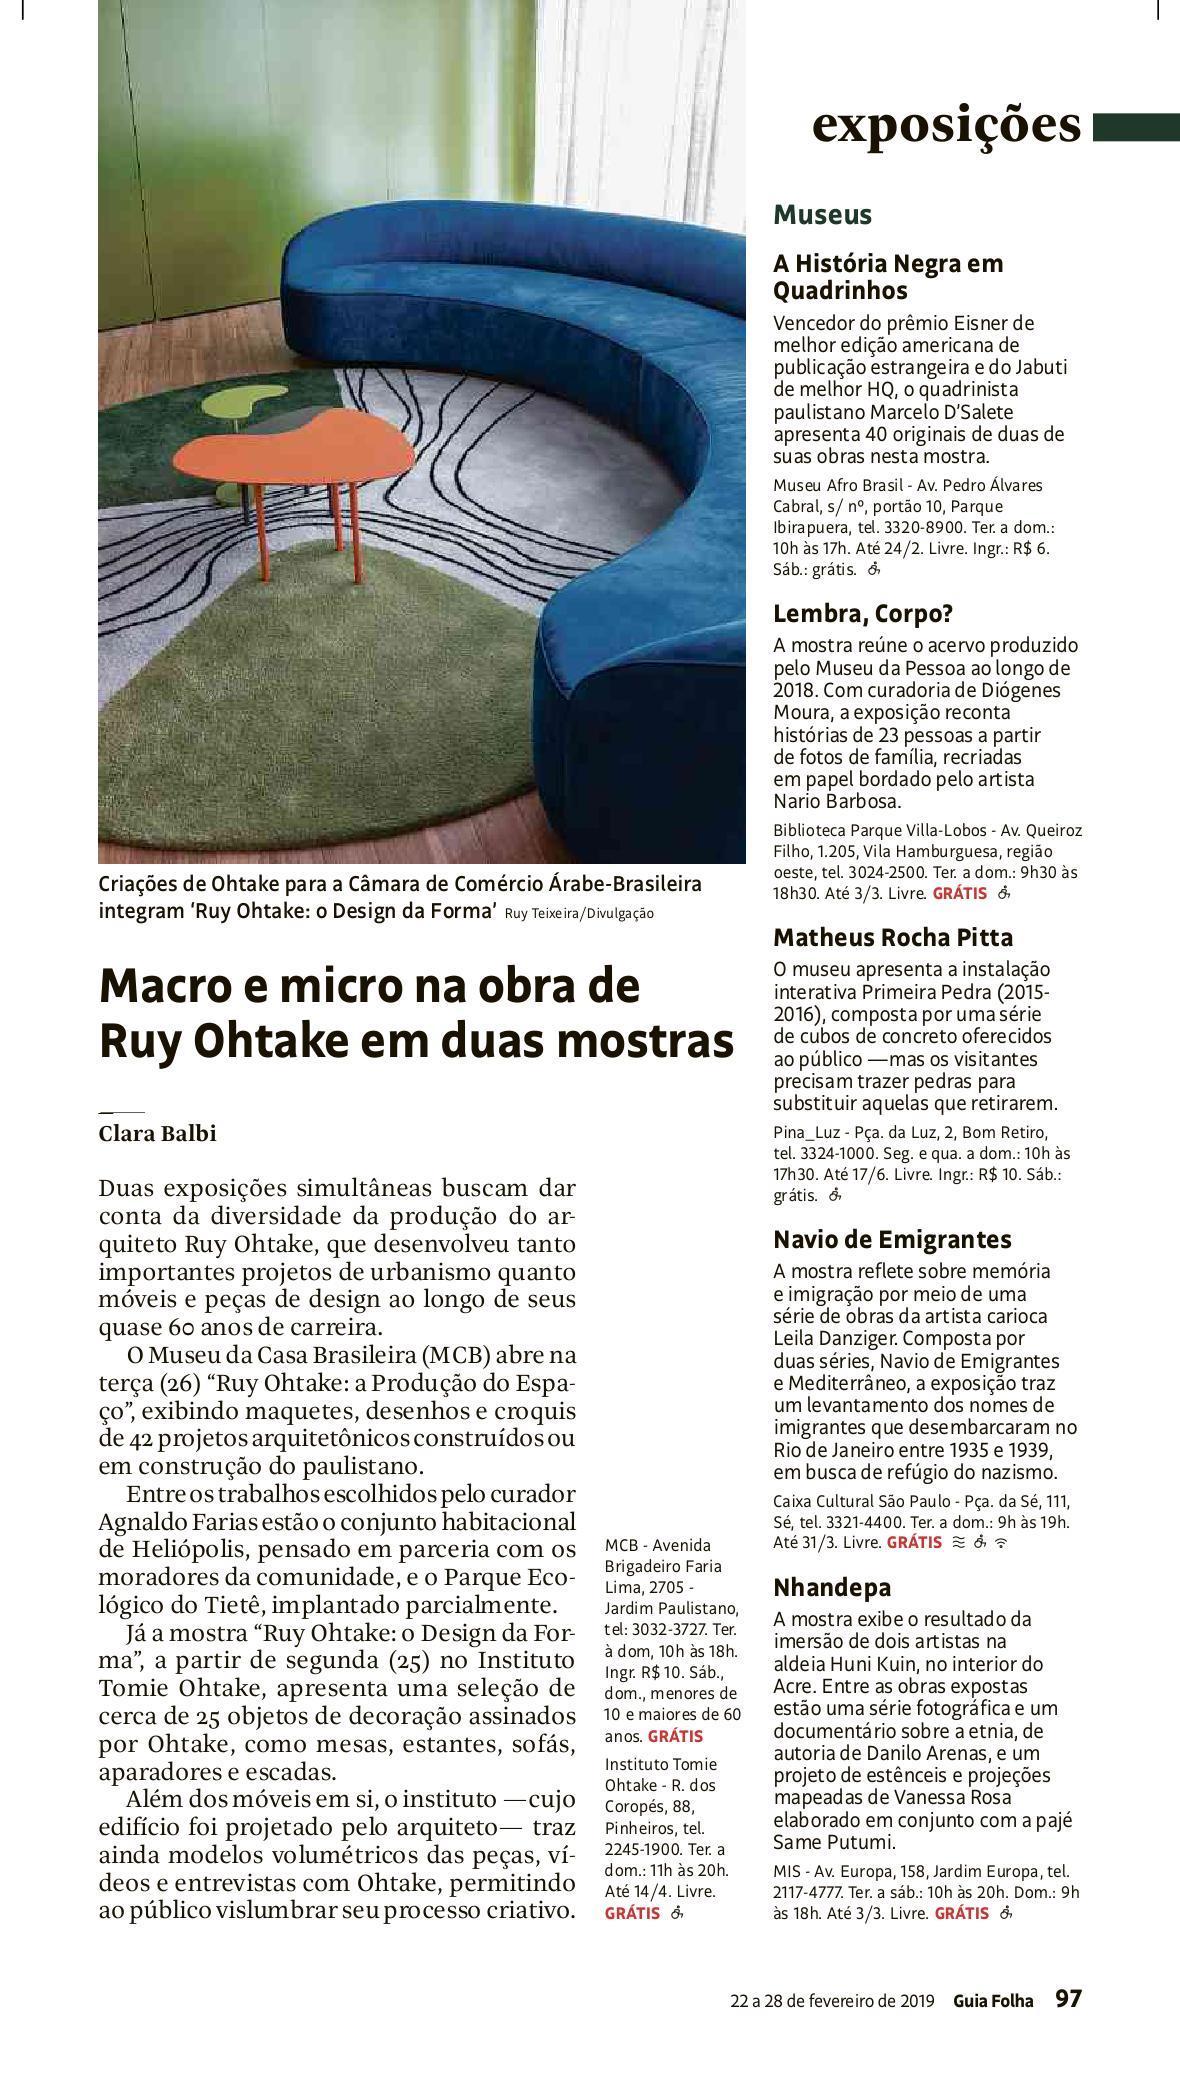 Folha de S.Paulo / Guia da Folha / Reprodução